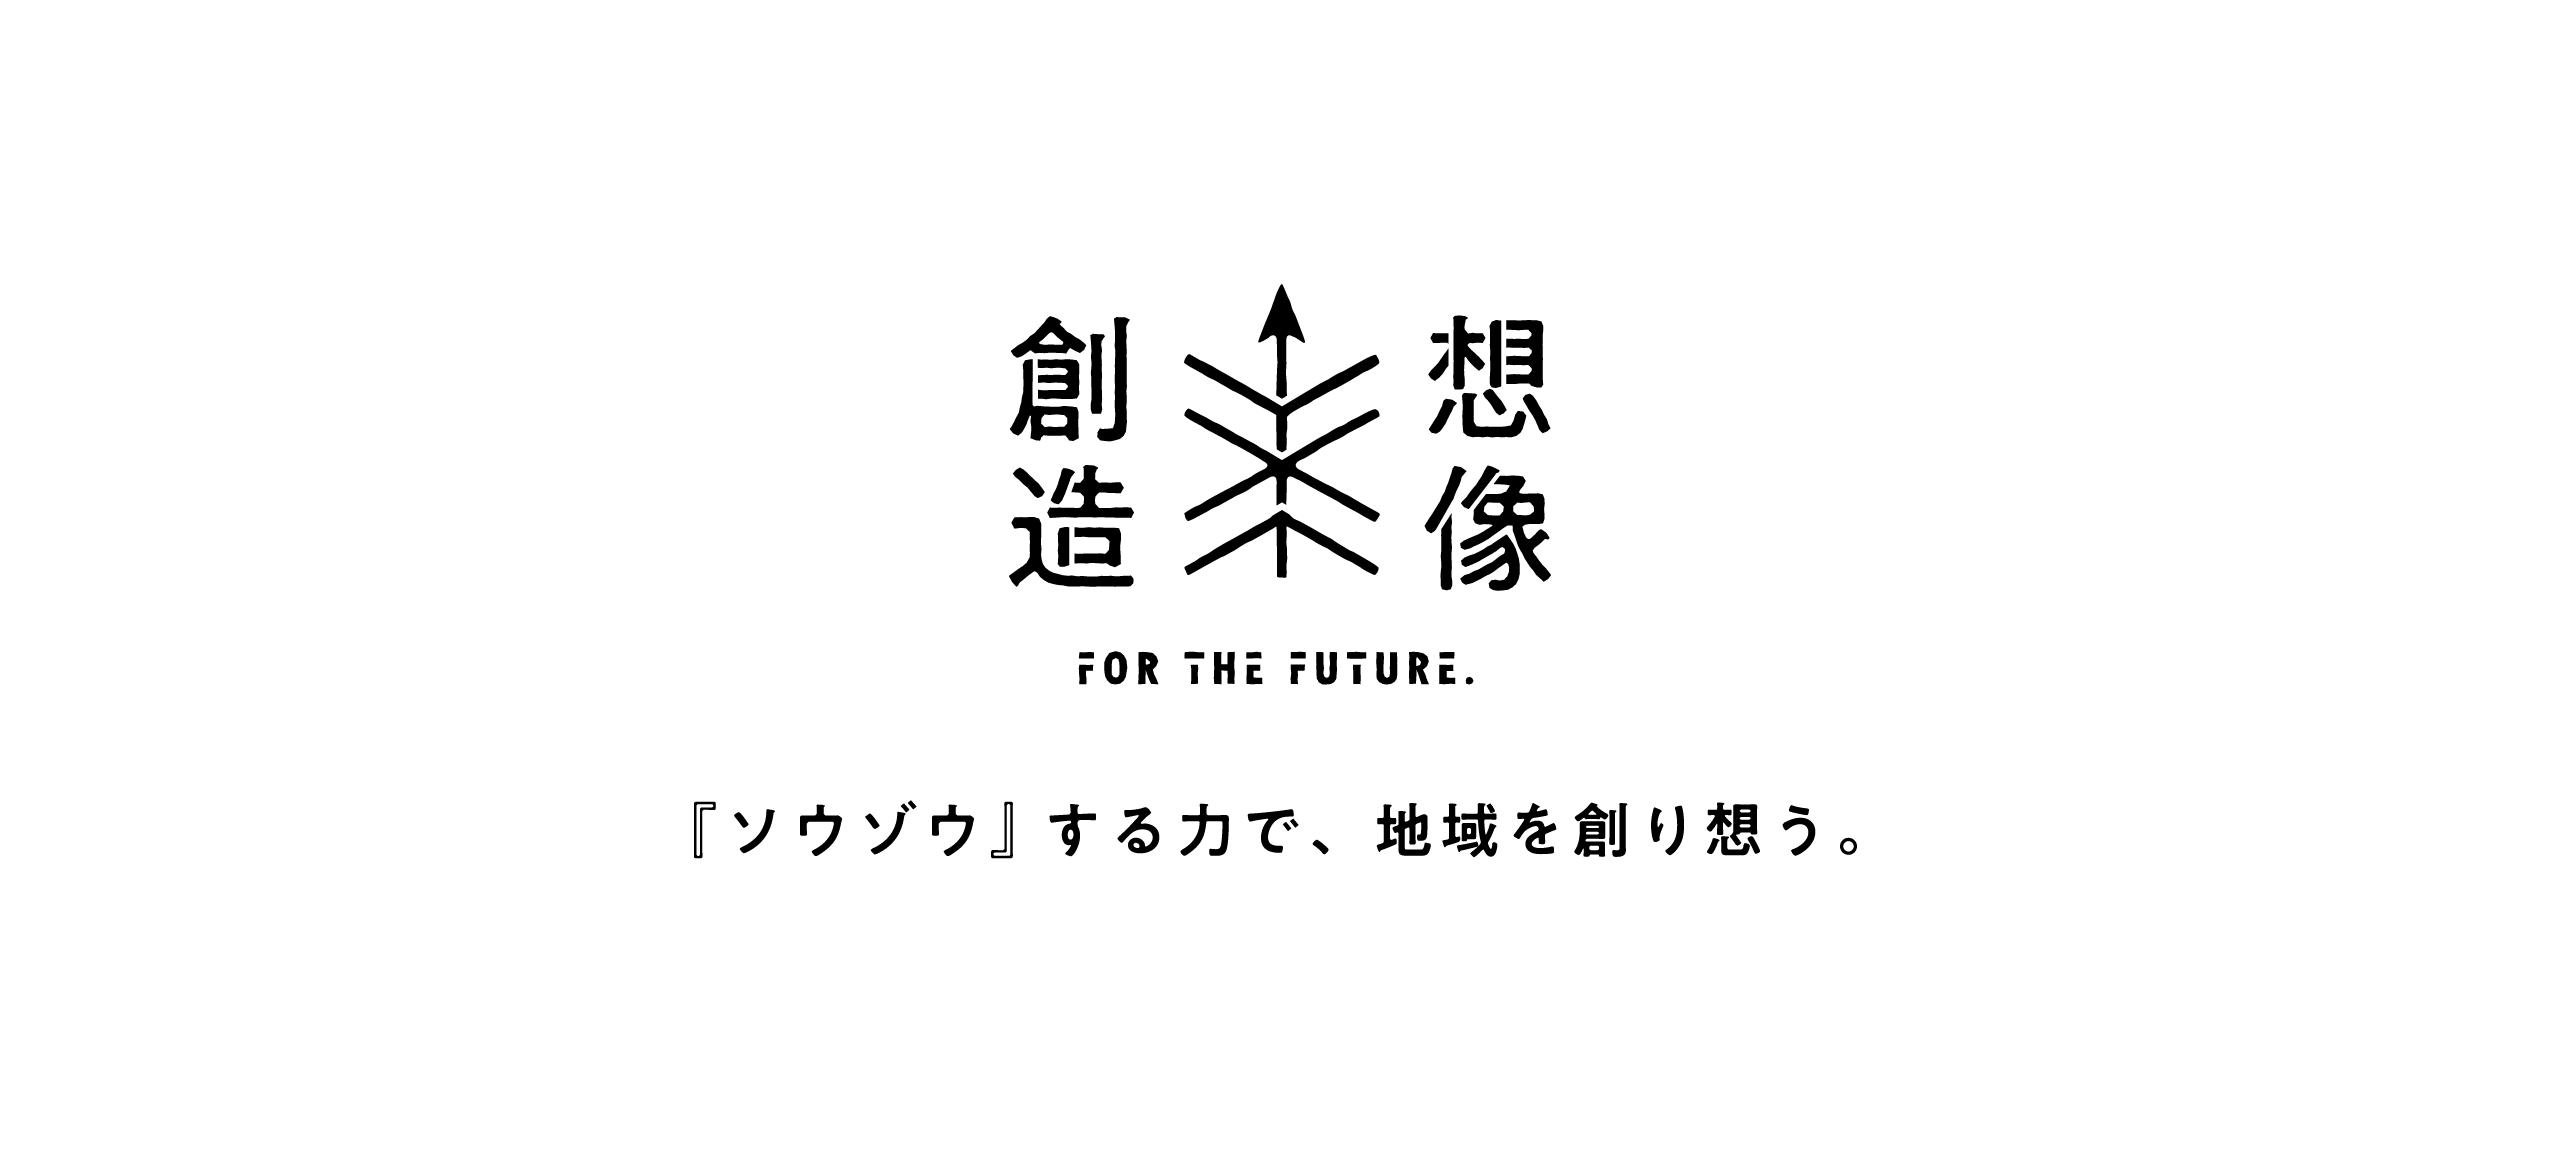 創造×想像 FOR THE FUTURE 『ソウゾウ』する力で、地域を創り想う。